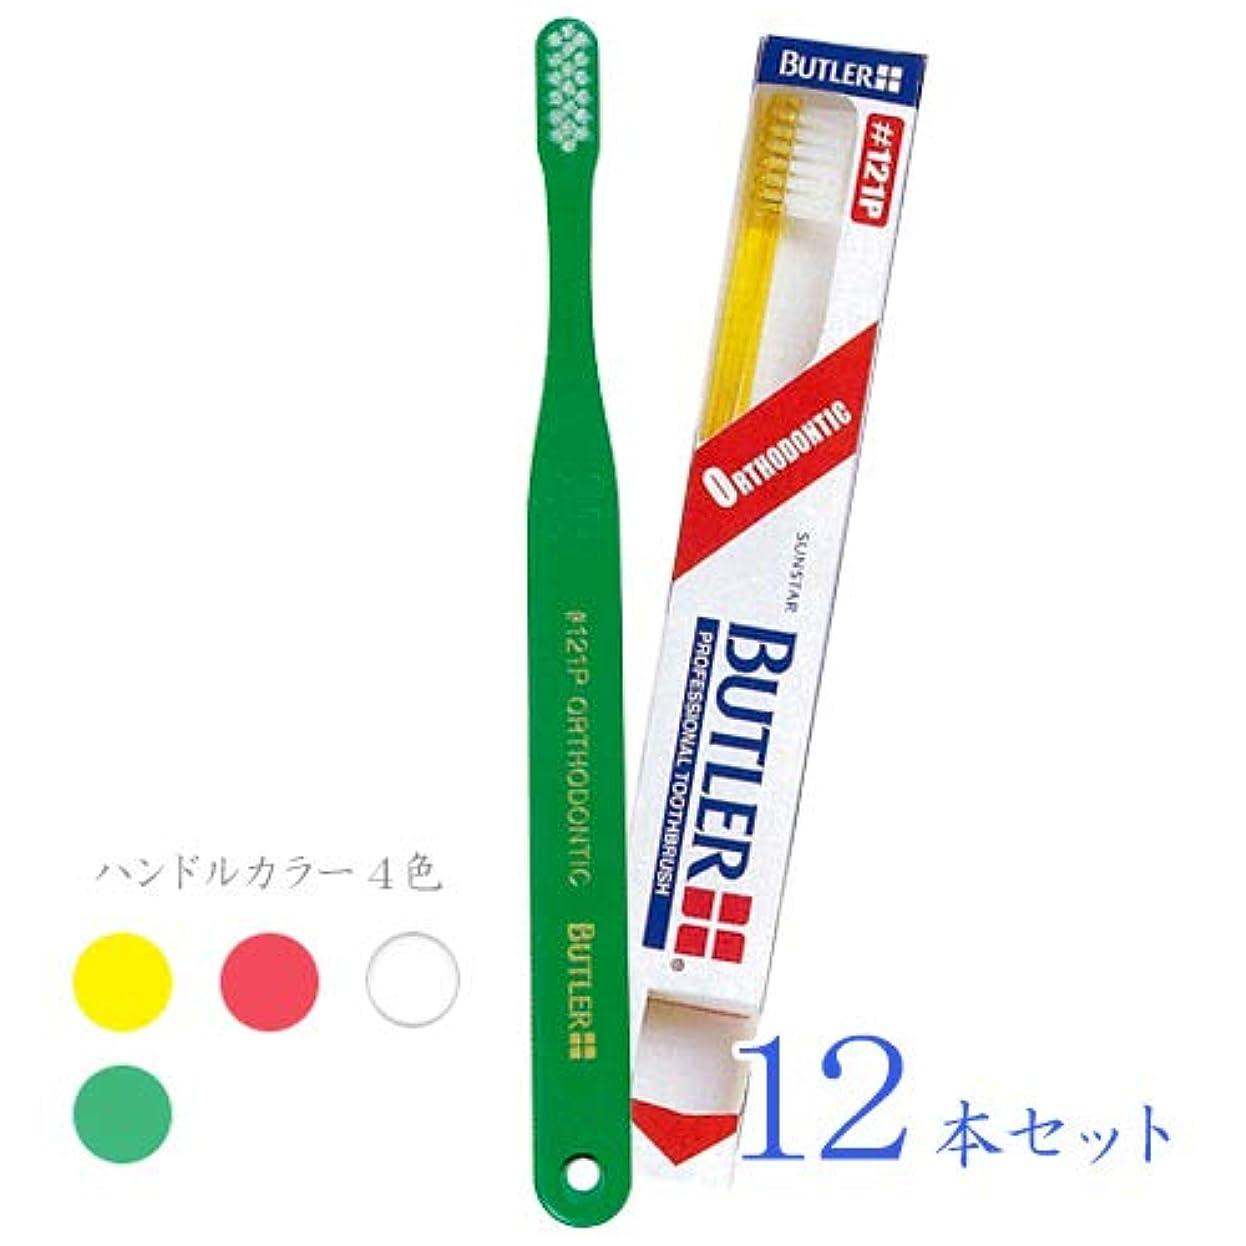 松の木反対した姿勢バトラー 歯ブラシ #121P 12本入